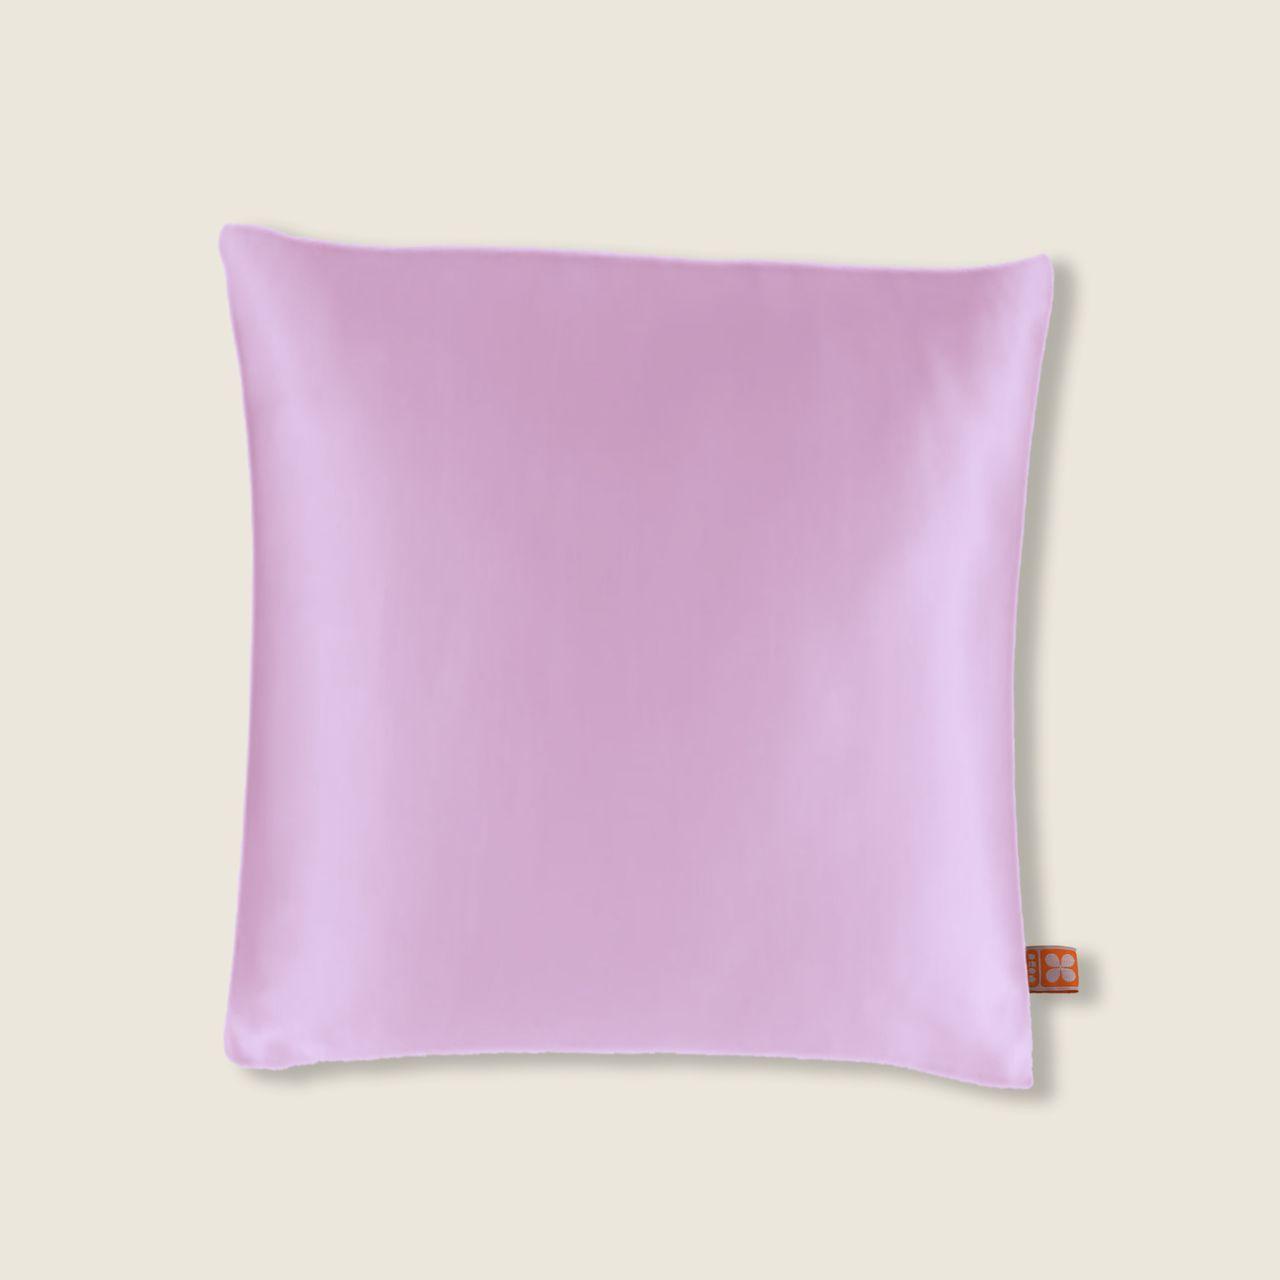 کاور کوسن صمیم طرح رنگارنگ کد 008